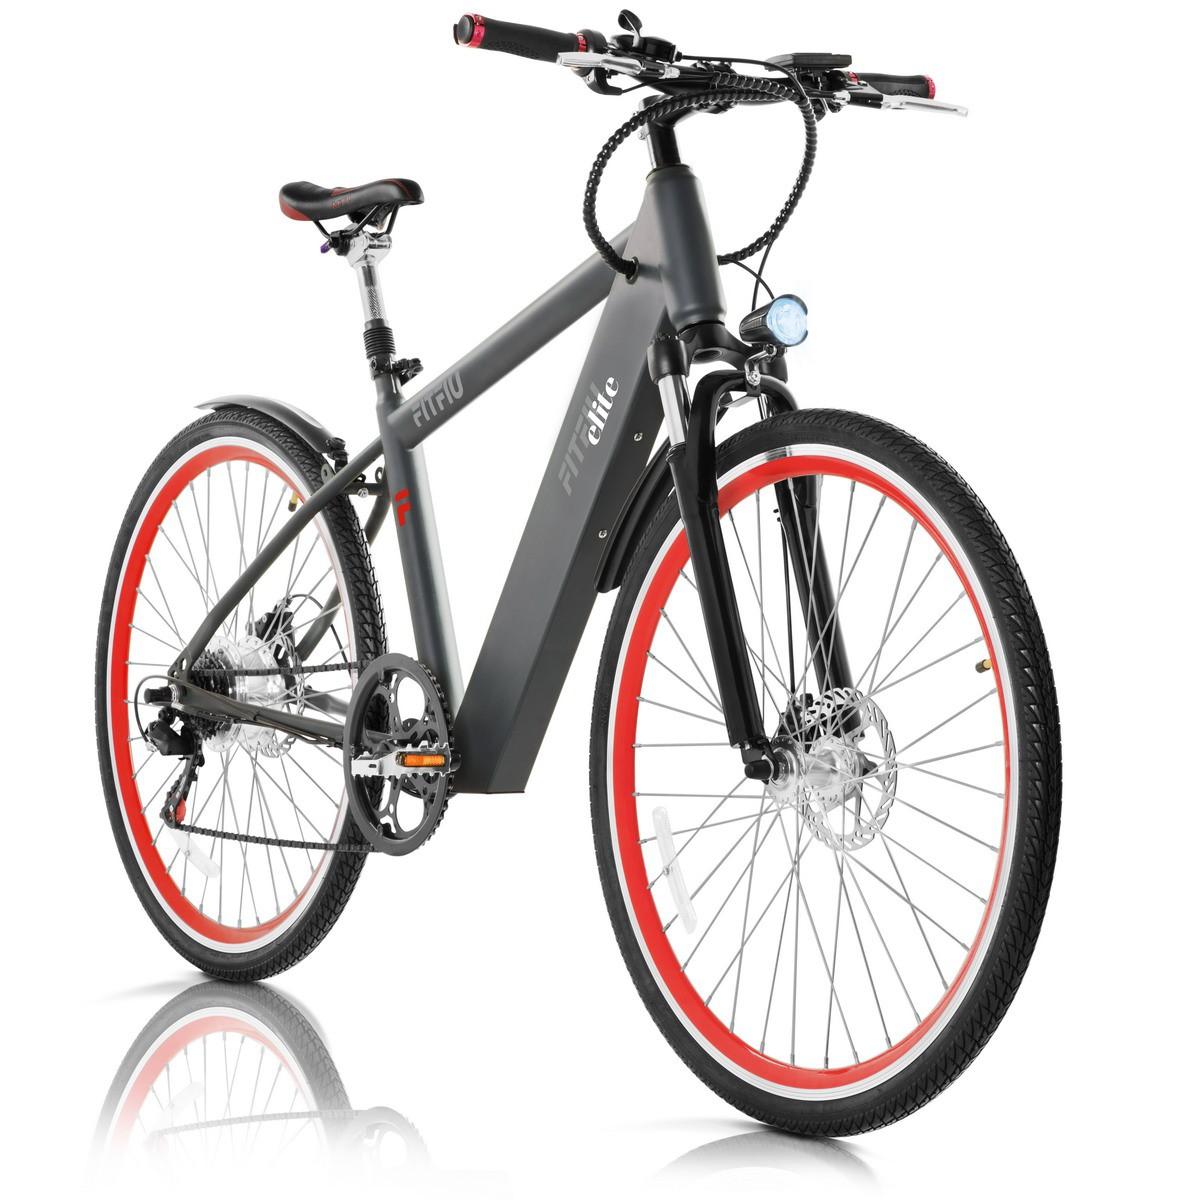 Bicicleta eléctrica Fiftiu Sauvage Bie0004g_00_4